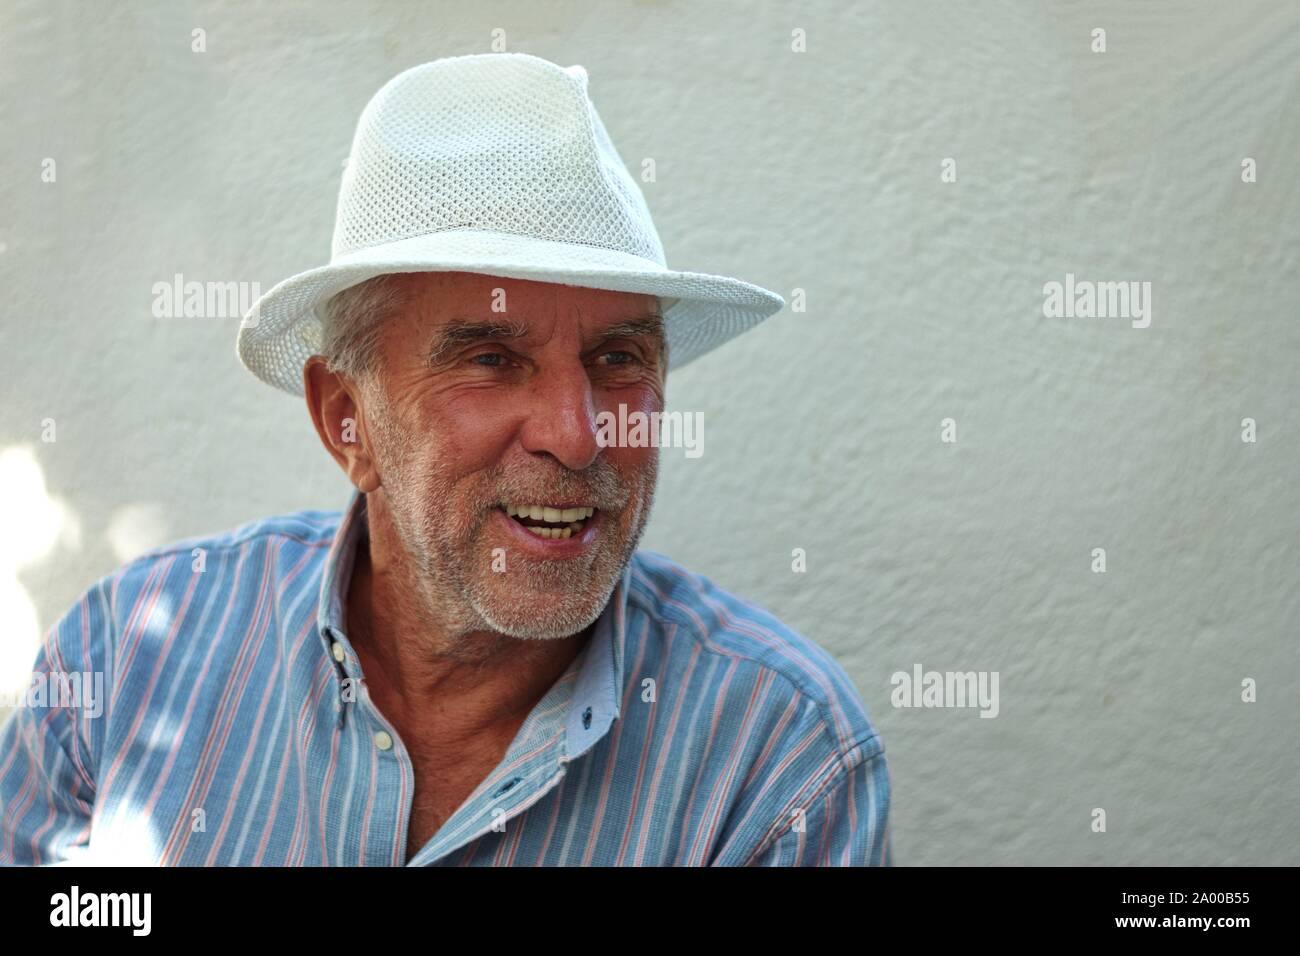 Vita ritratto di un uomo anziano con un cappello Foto Stock